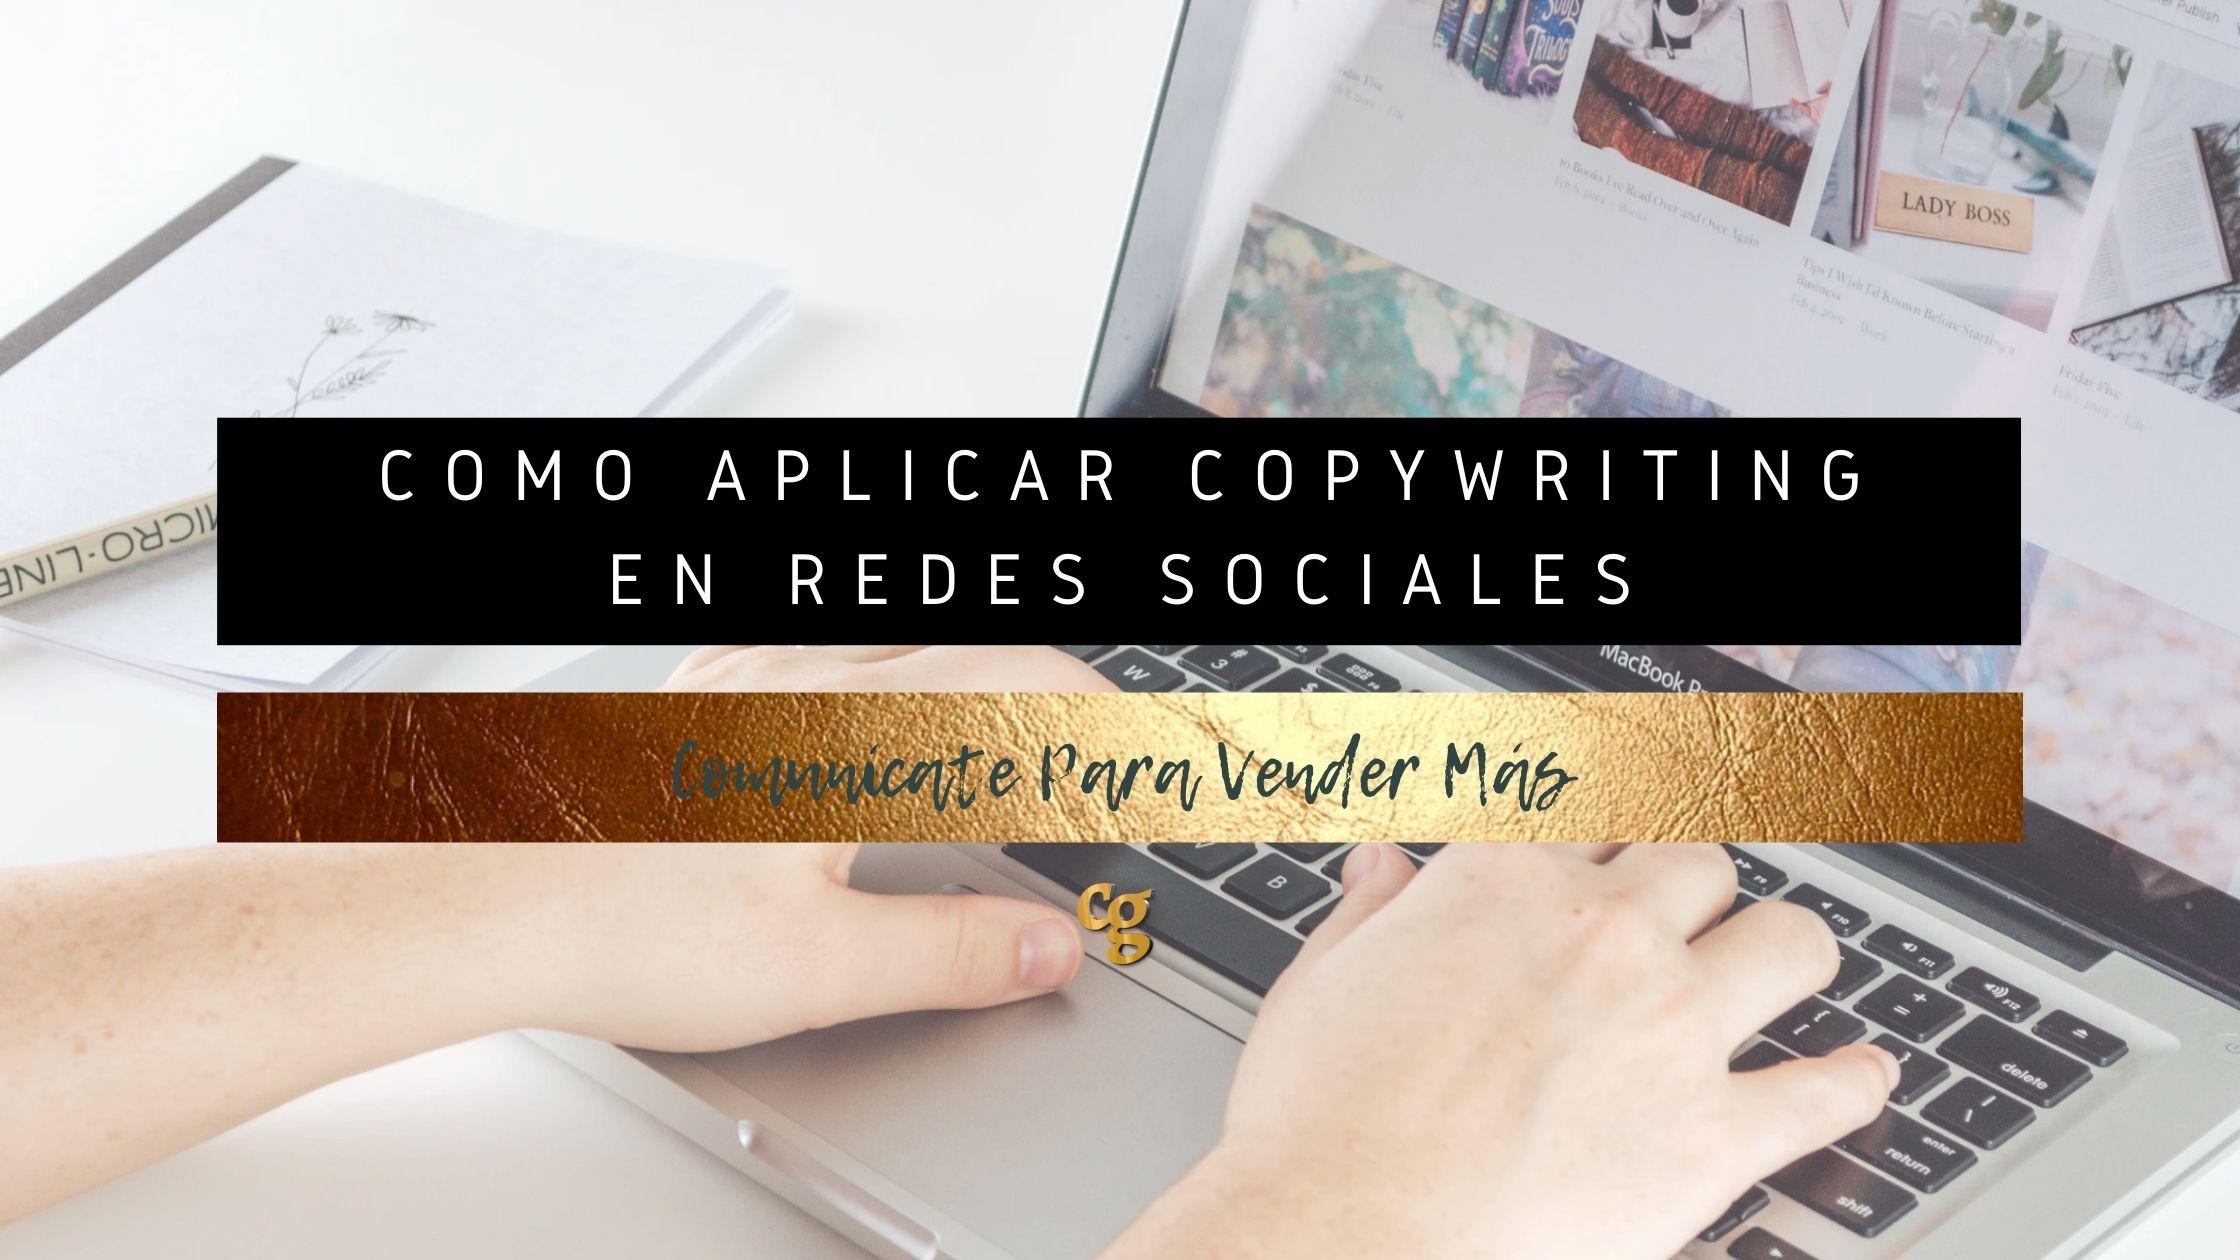 Como aplicar CopyWriting en redes sociales